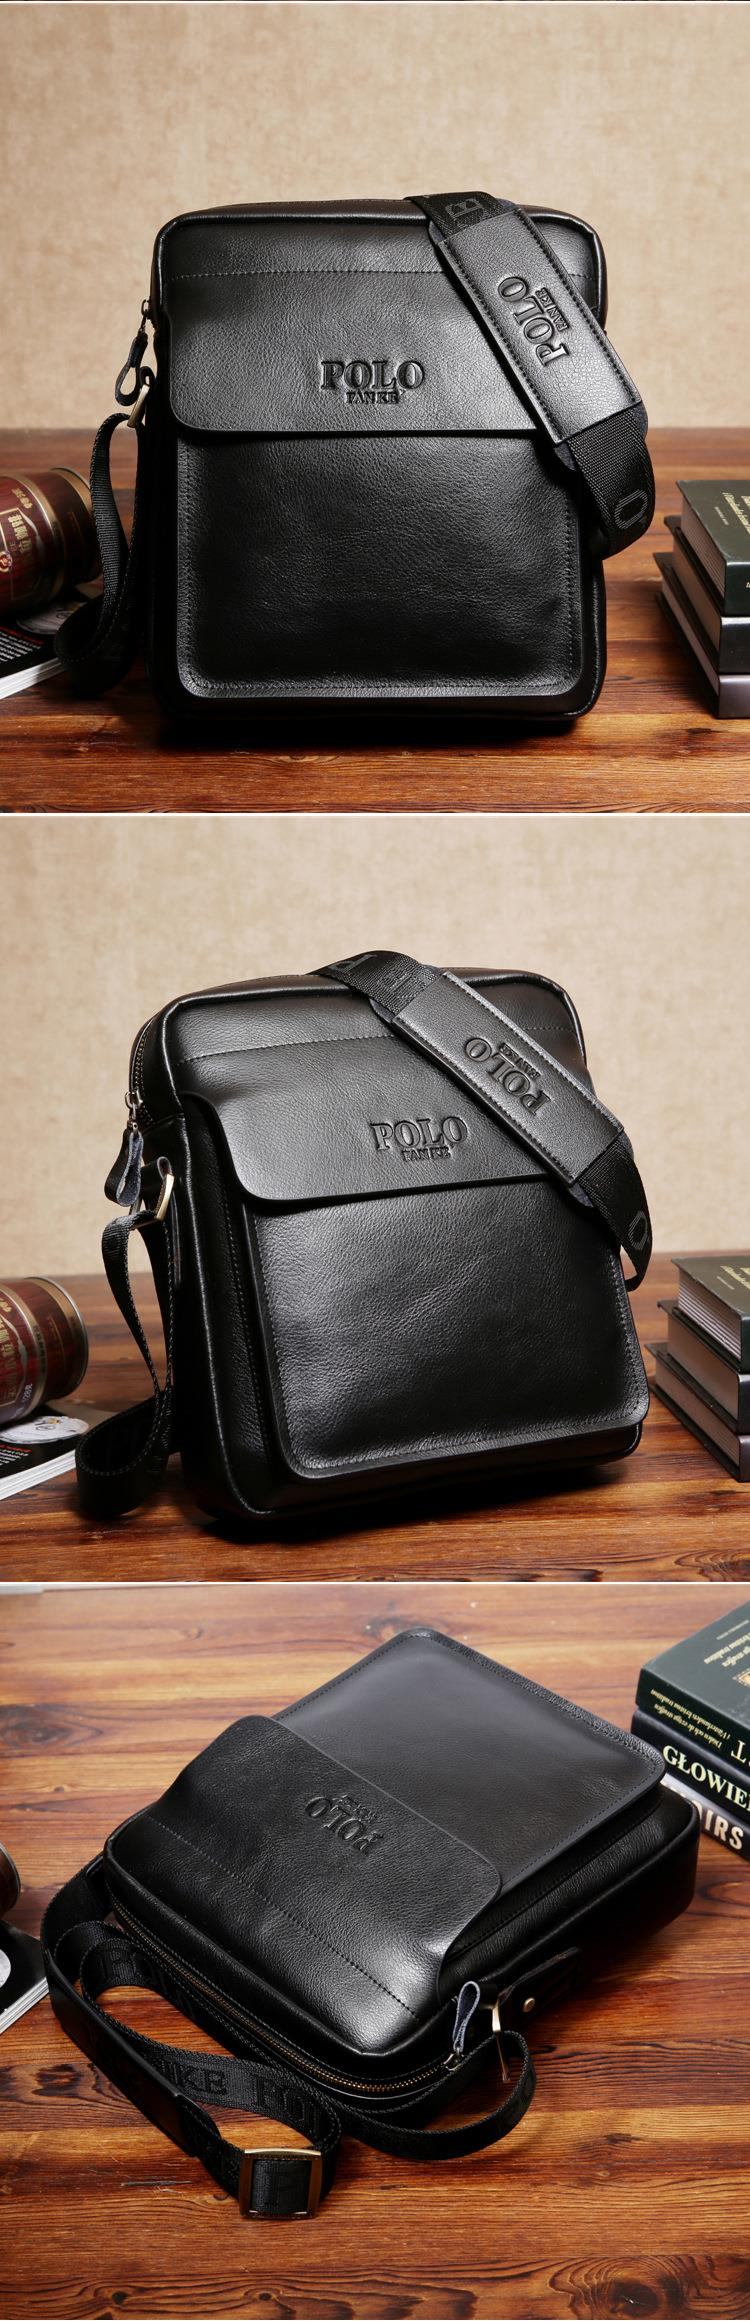 Polo Men Shoulder Bag Genuine Leather Men Bag Classical Messenger ... c51bfdd1ed80f